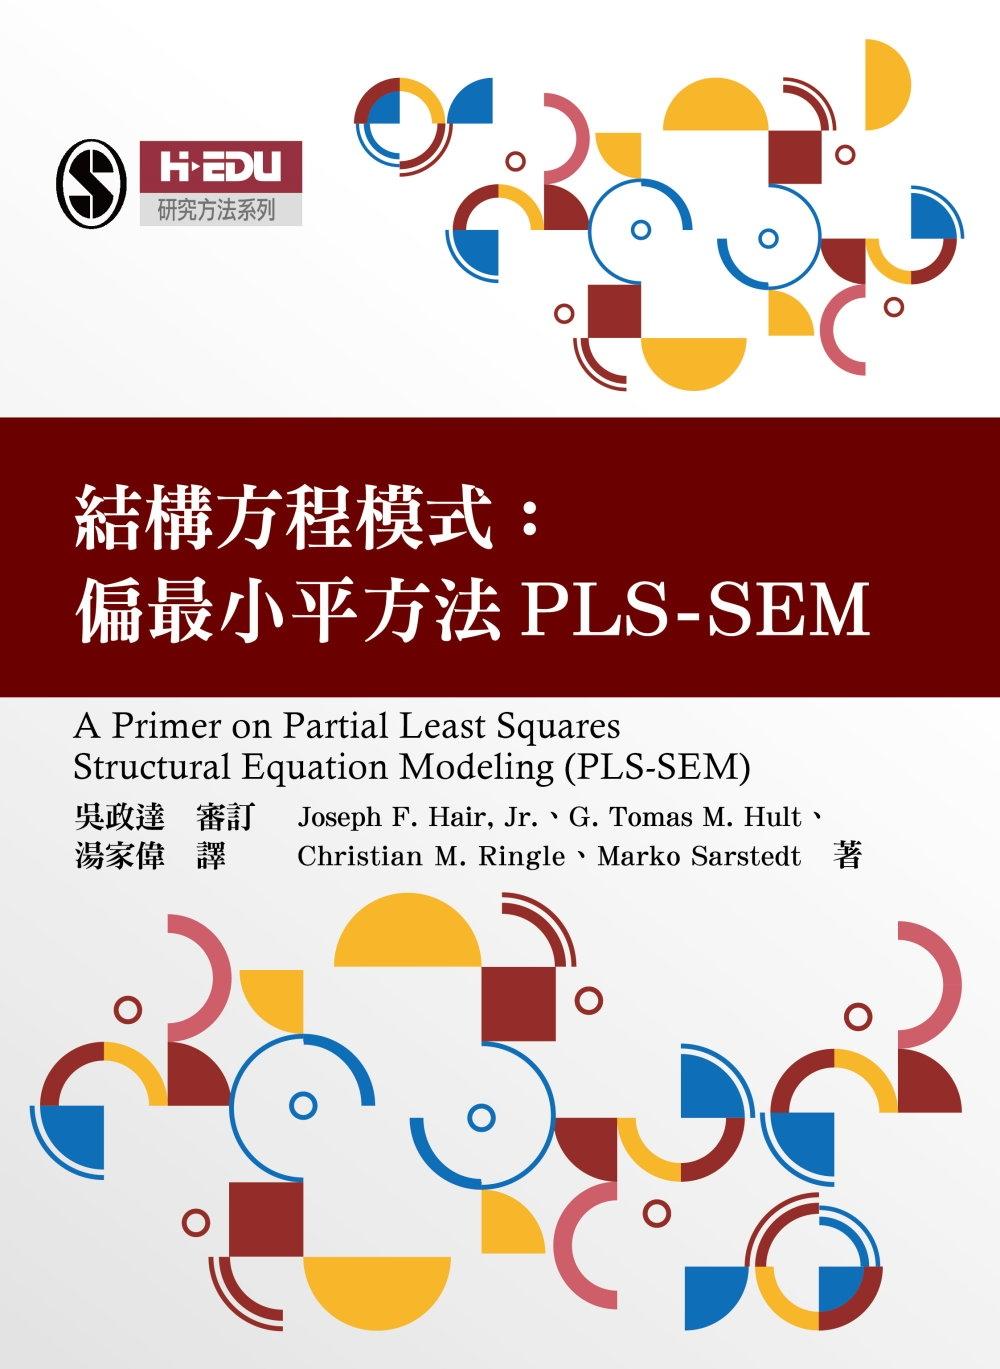 結構方程模式:偏最小平方法PLS-SEM